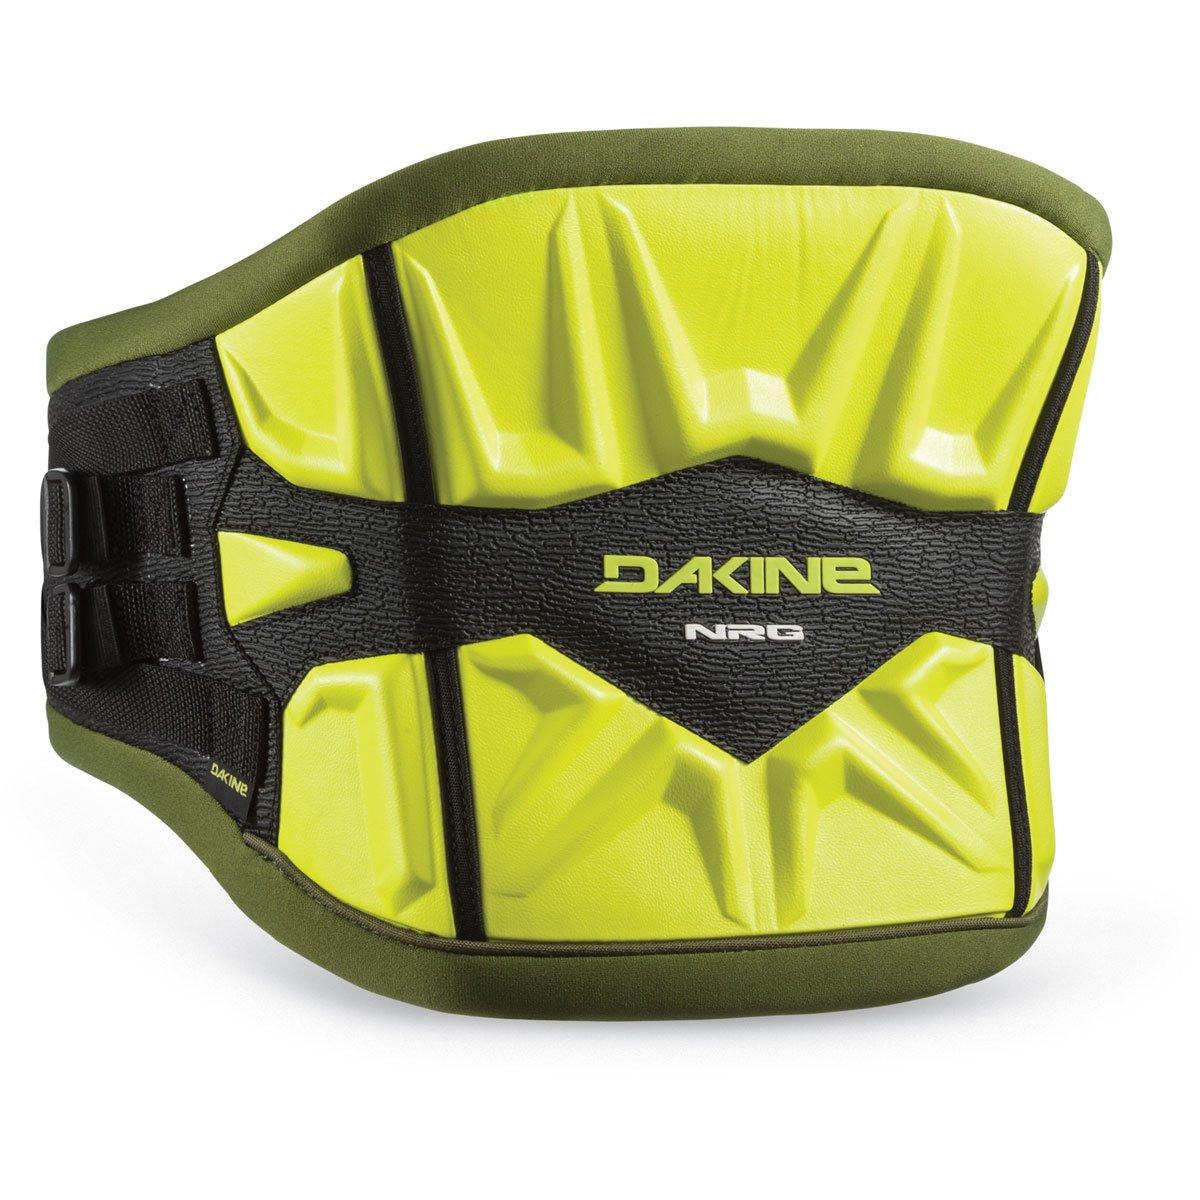 Dakine Men's Hybrid NRG Windsurf Harness, Sulphur, M